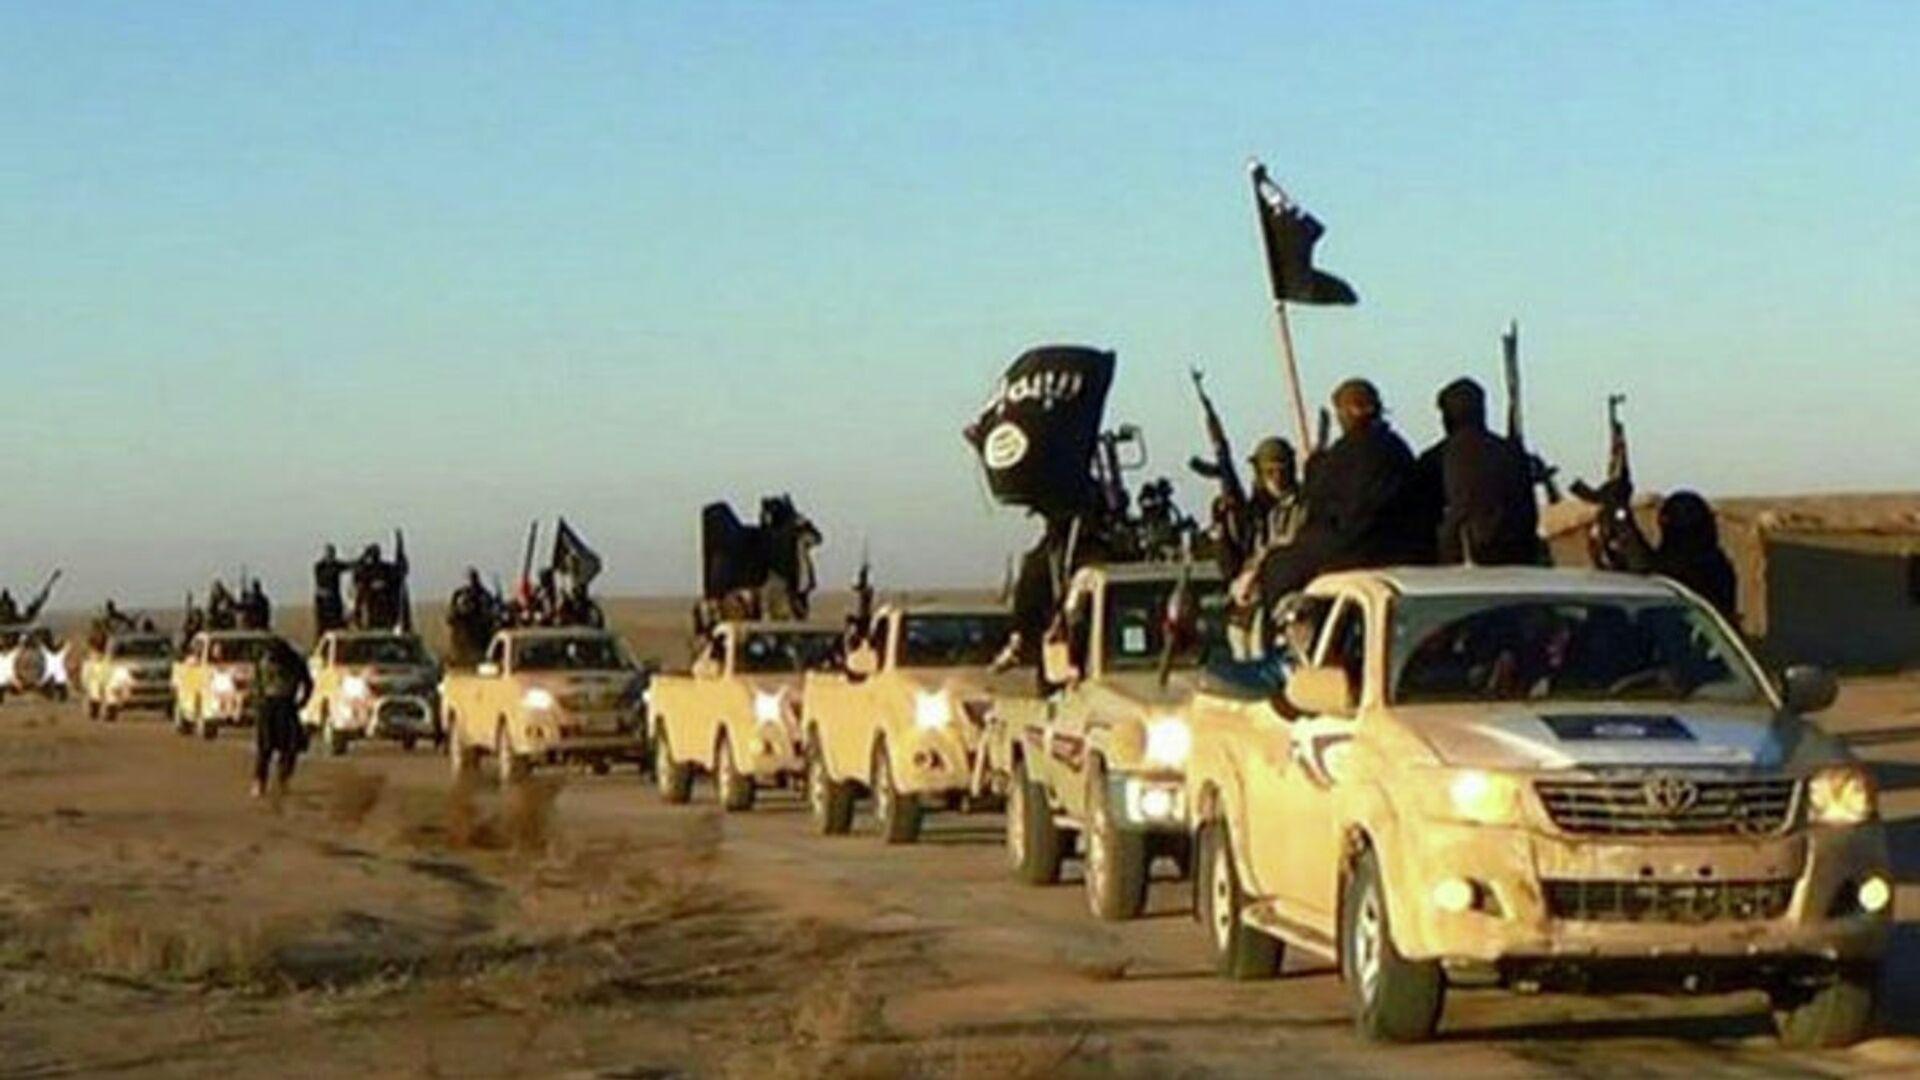 Колонна автомобилей с боевиками Исламского государства на пути из Сирии в Ирак. Архивное фото - Sputnik Армения, 1920, 27.09.2021